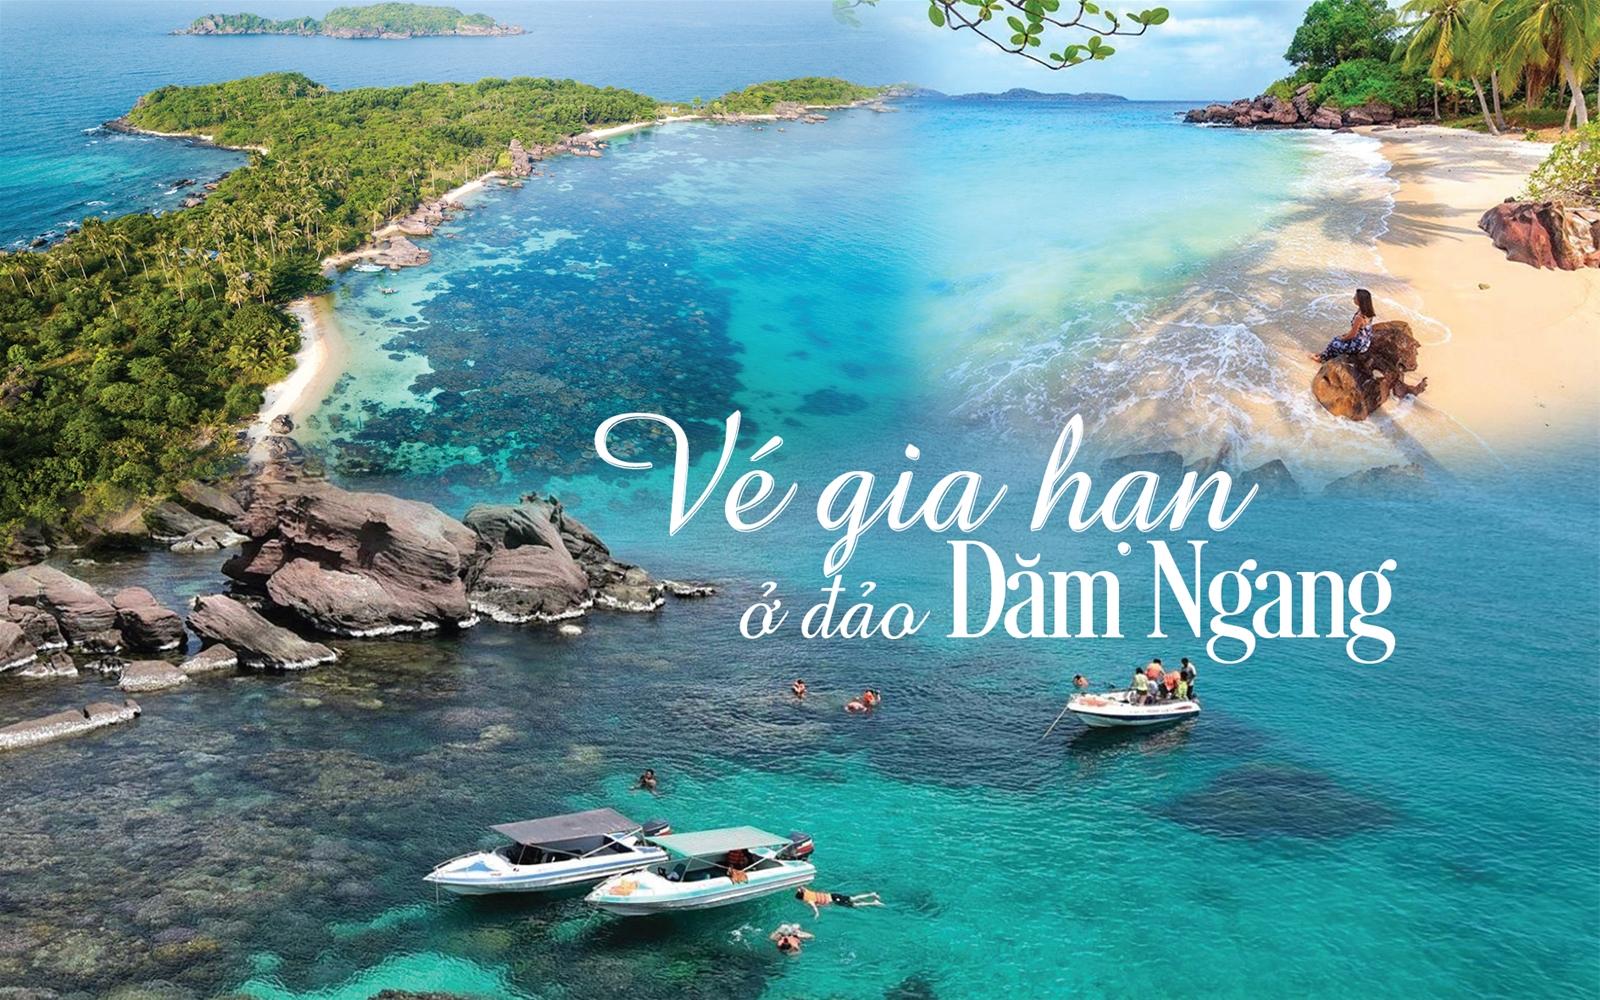 Vé gia hạn ở đảo Dăm Ngang